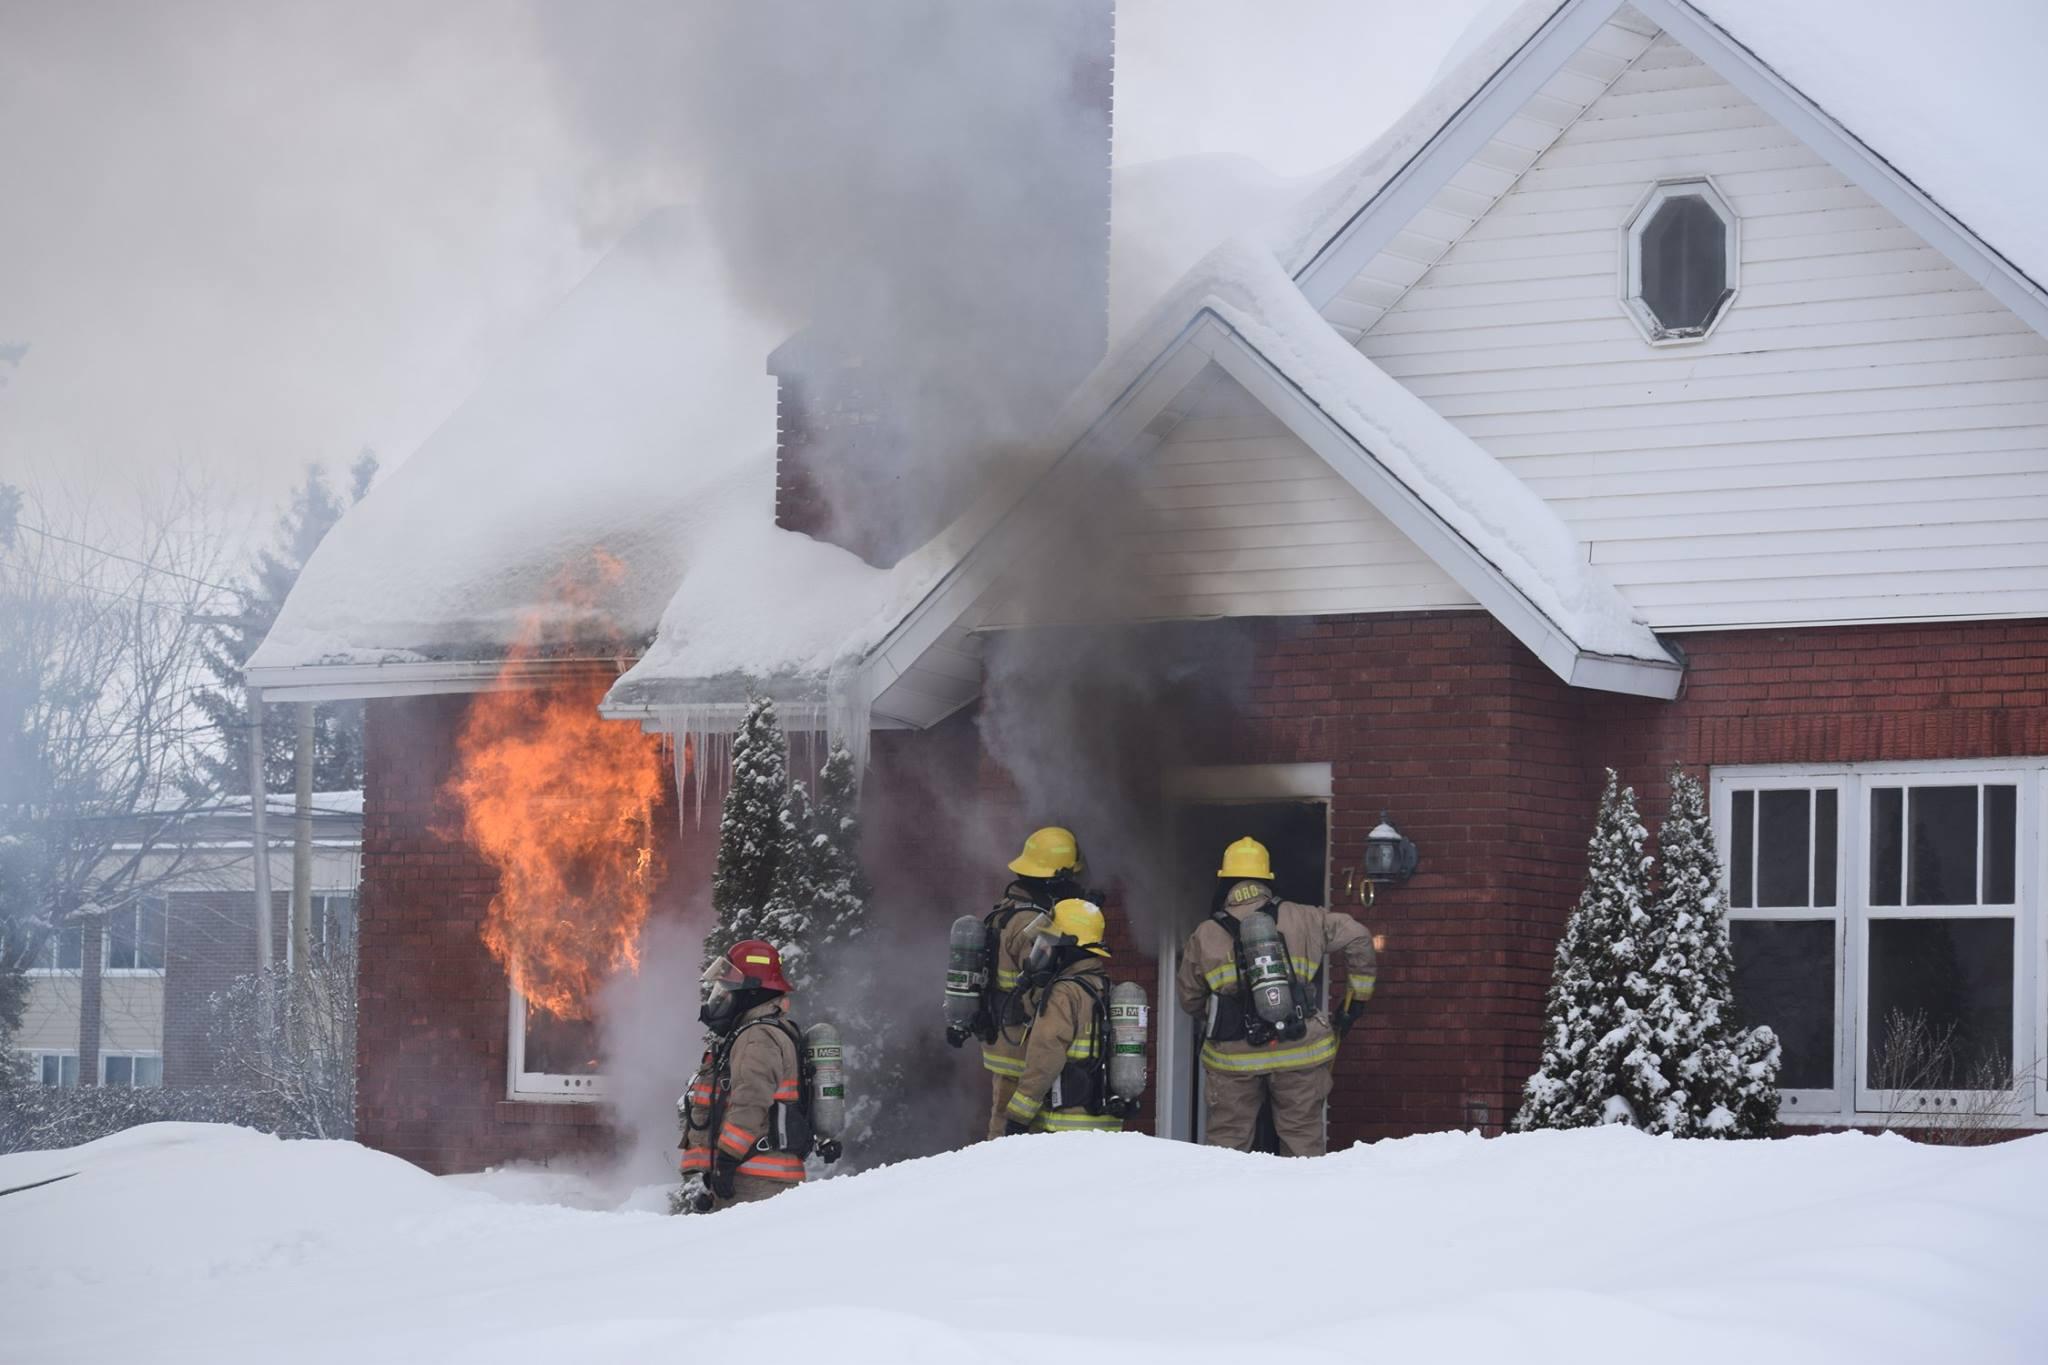 Incendie dans une maison à Louiseville